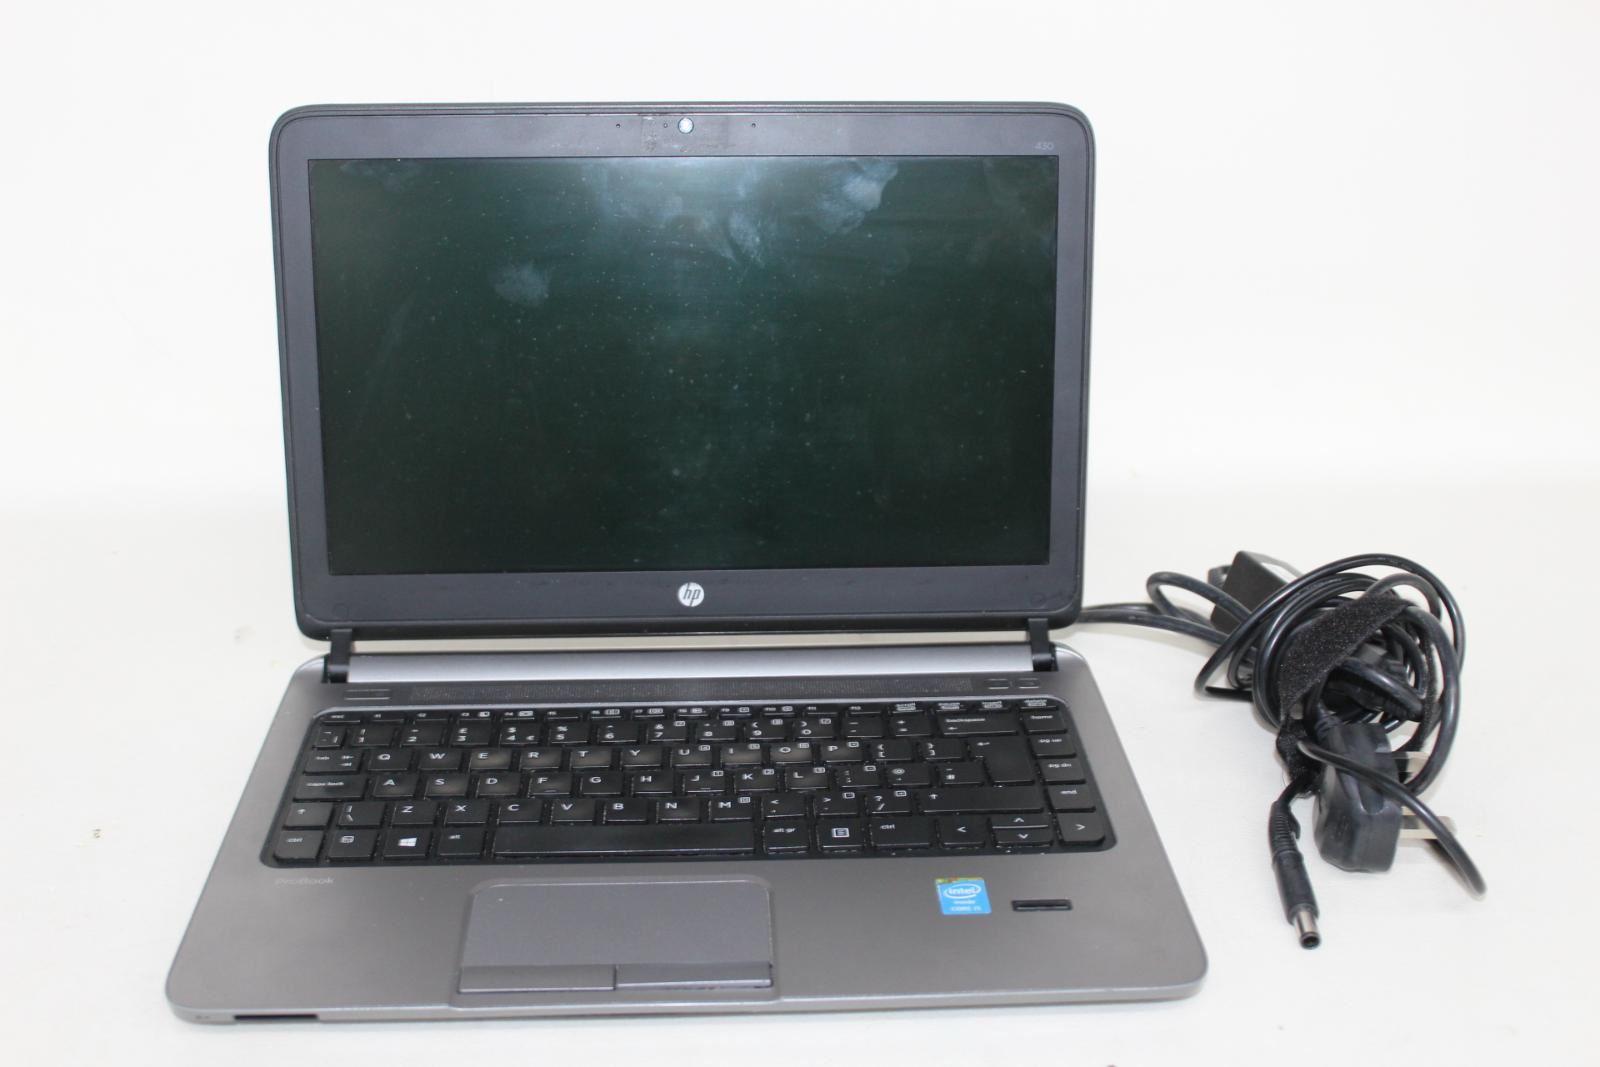 HP-ProBook-430-G1-IntelCore-i5-13-034-affichage-4-Go-RAM-Sans-Disque-Dur-Noir-Ordinateur-Portable